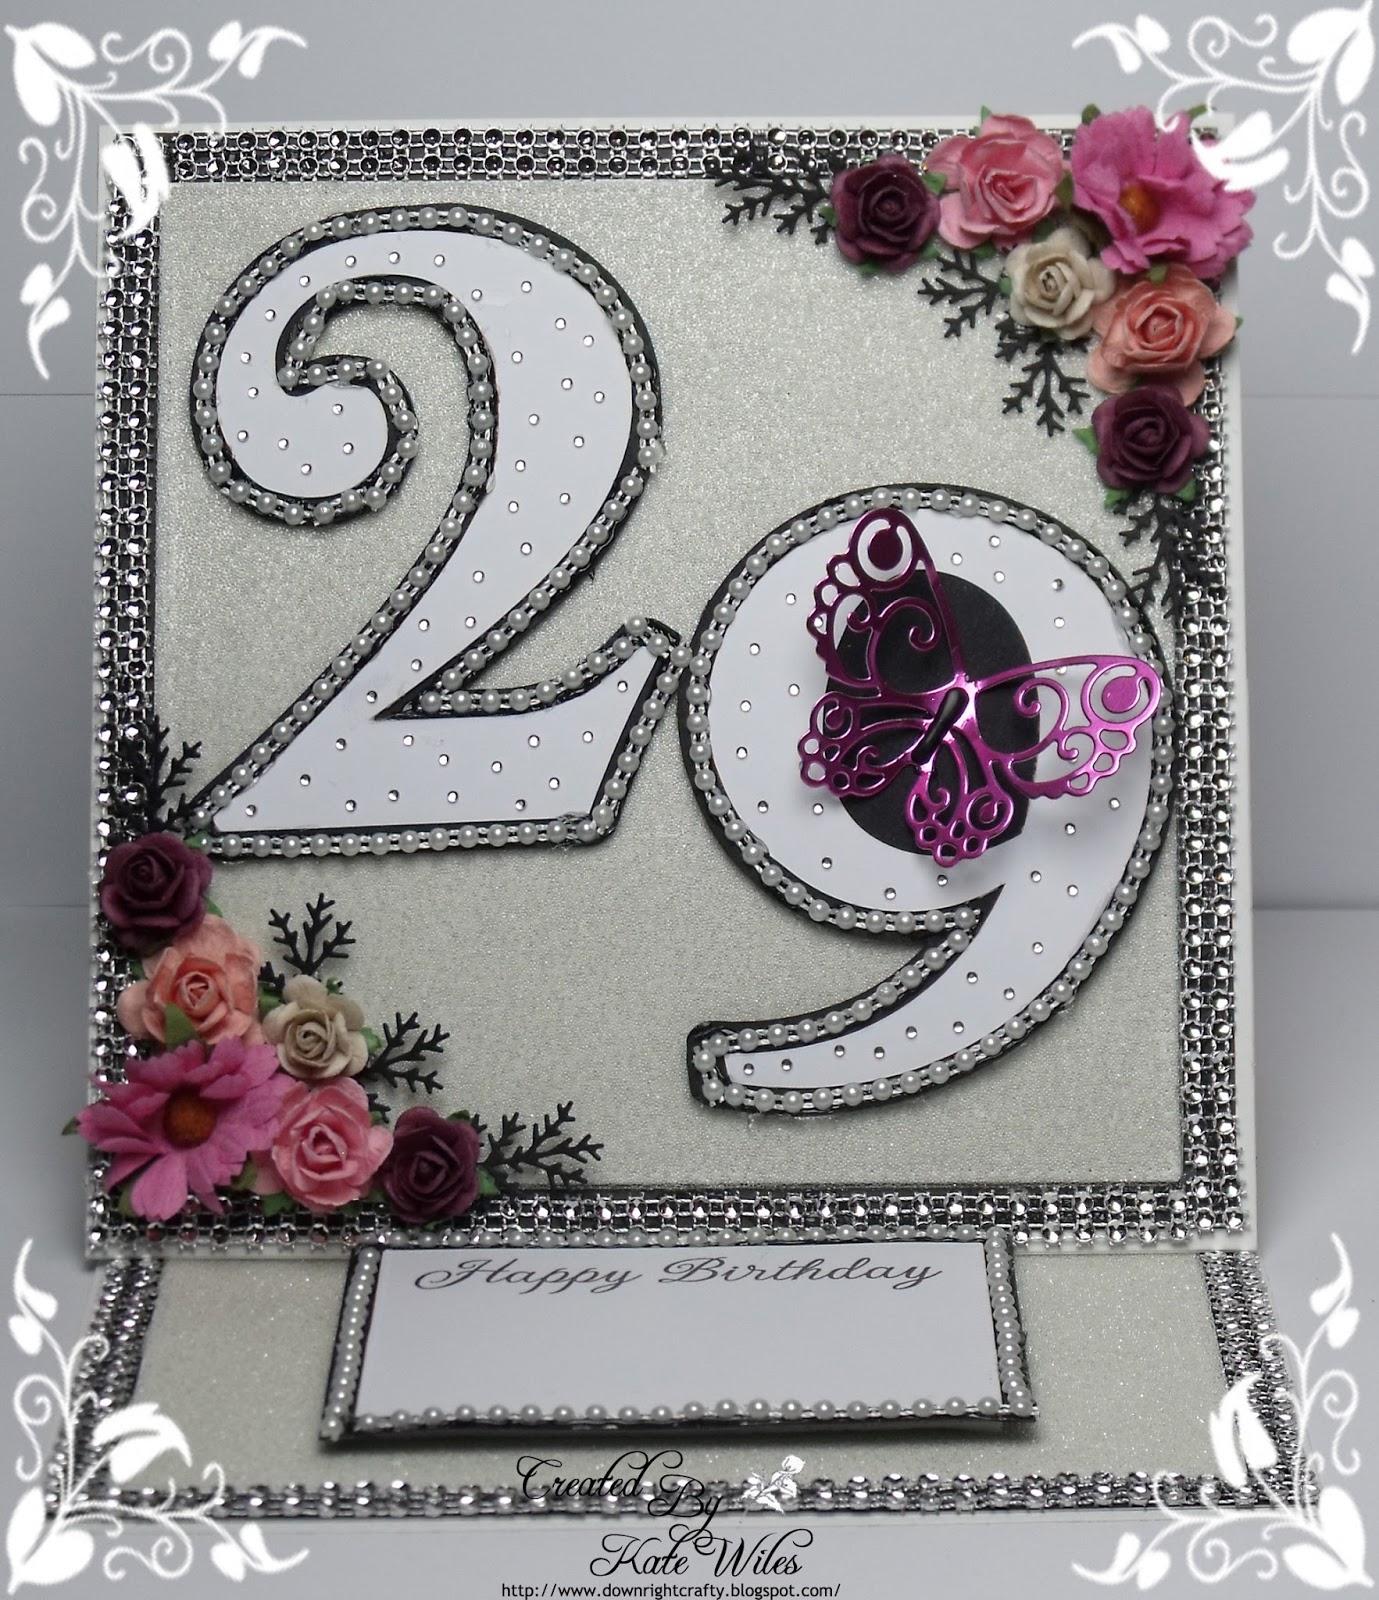 Downrightcrafty: Happy 29th Birthday